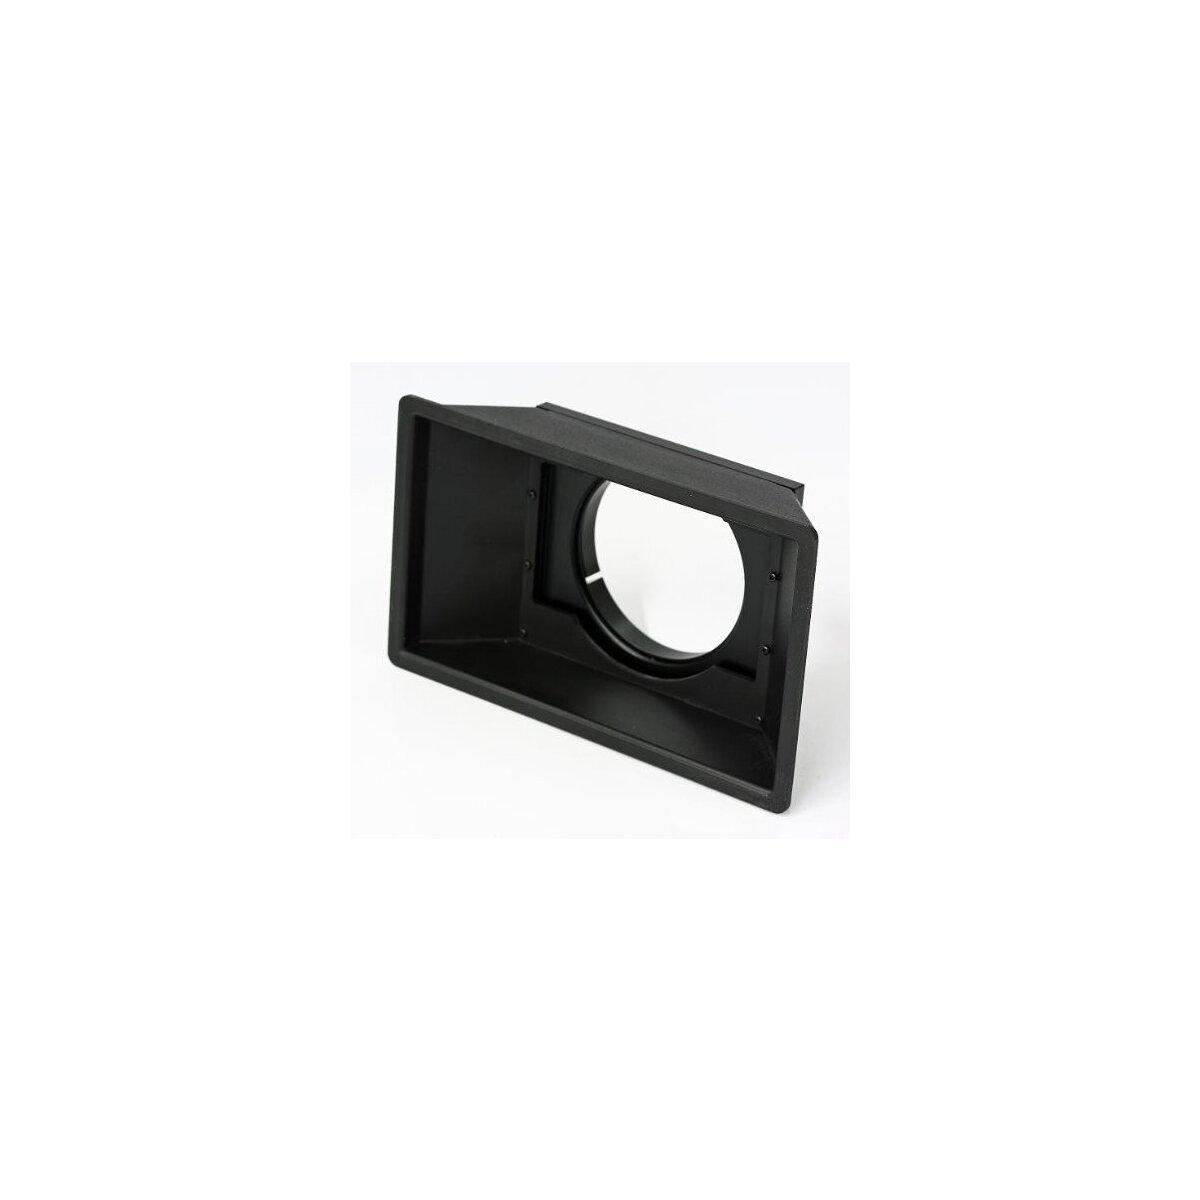 Kompendium fuer Objektive mit 80mm Außendurchmesser